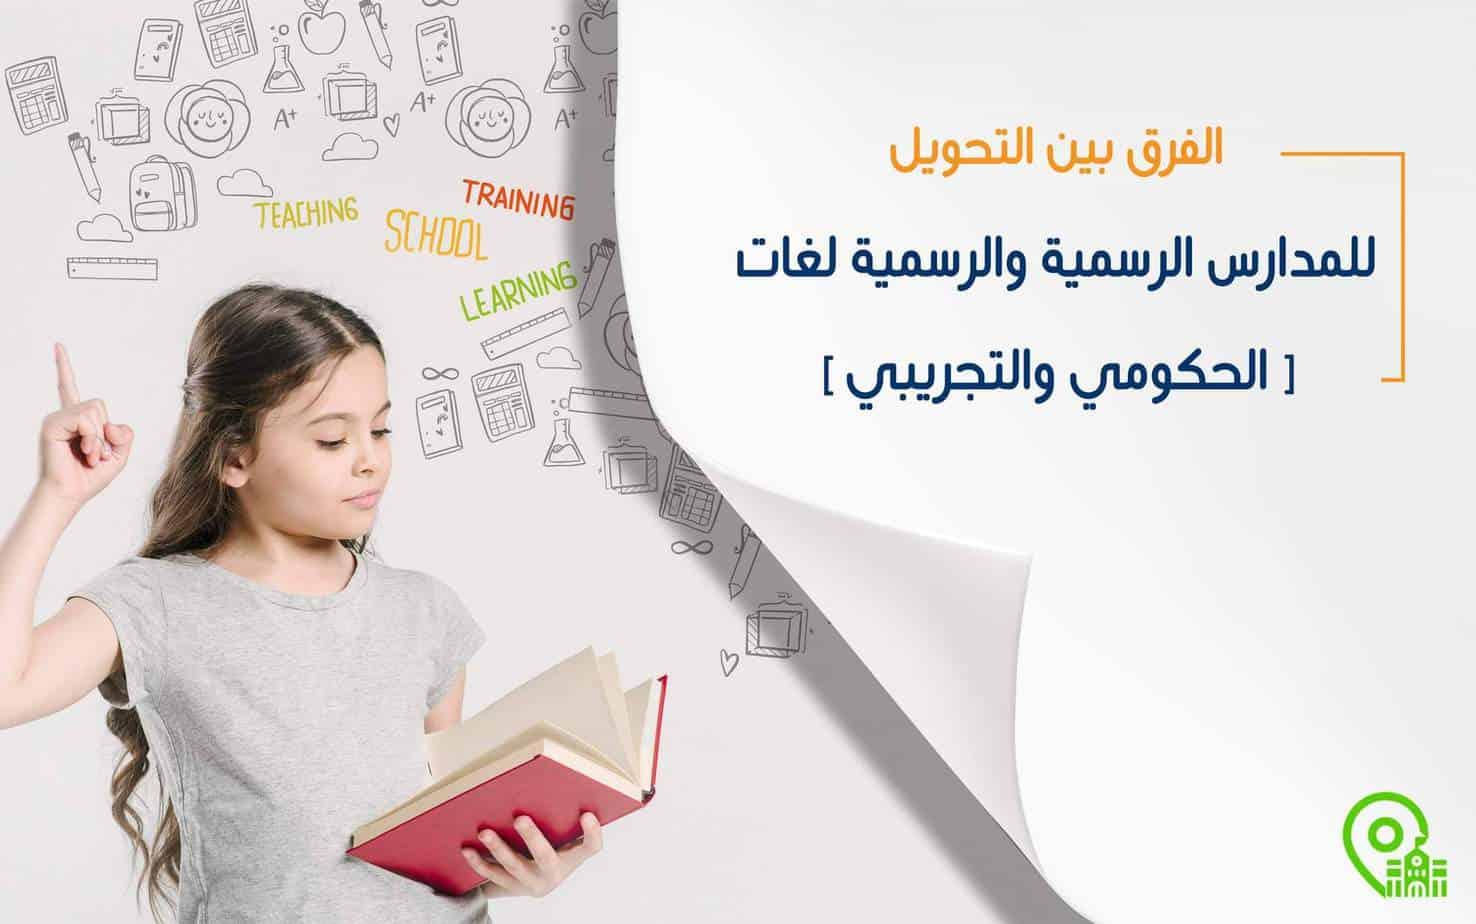 و مواعيد تحويلات المدارس الرسمية والرسمية لغات ومتميزة2